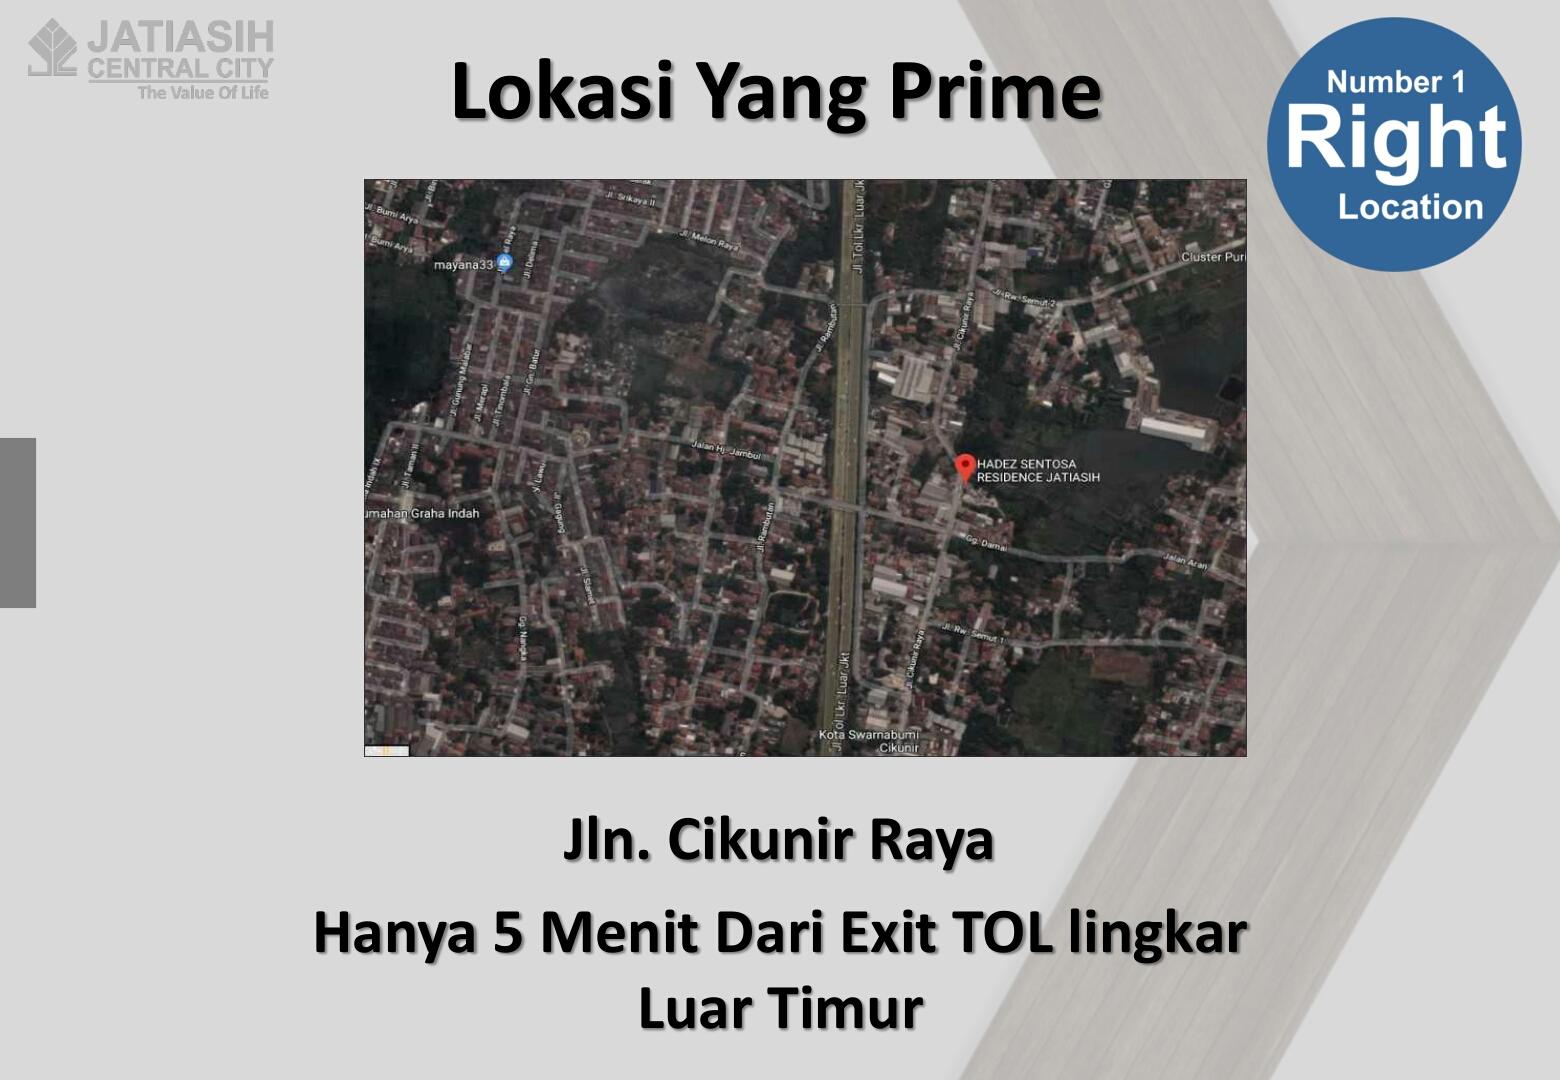 lokasi-jati-central-city